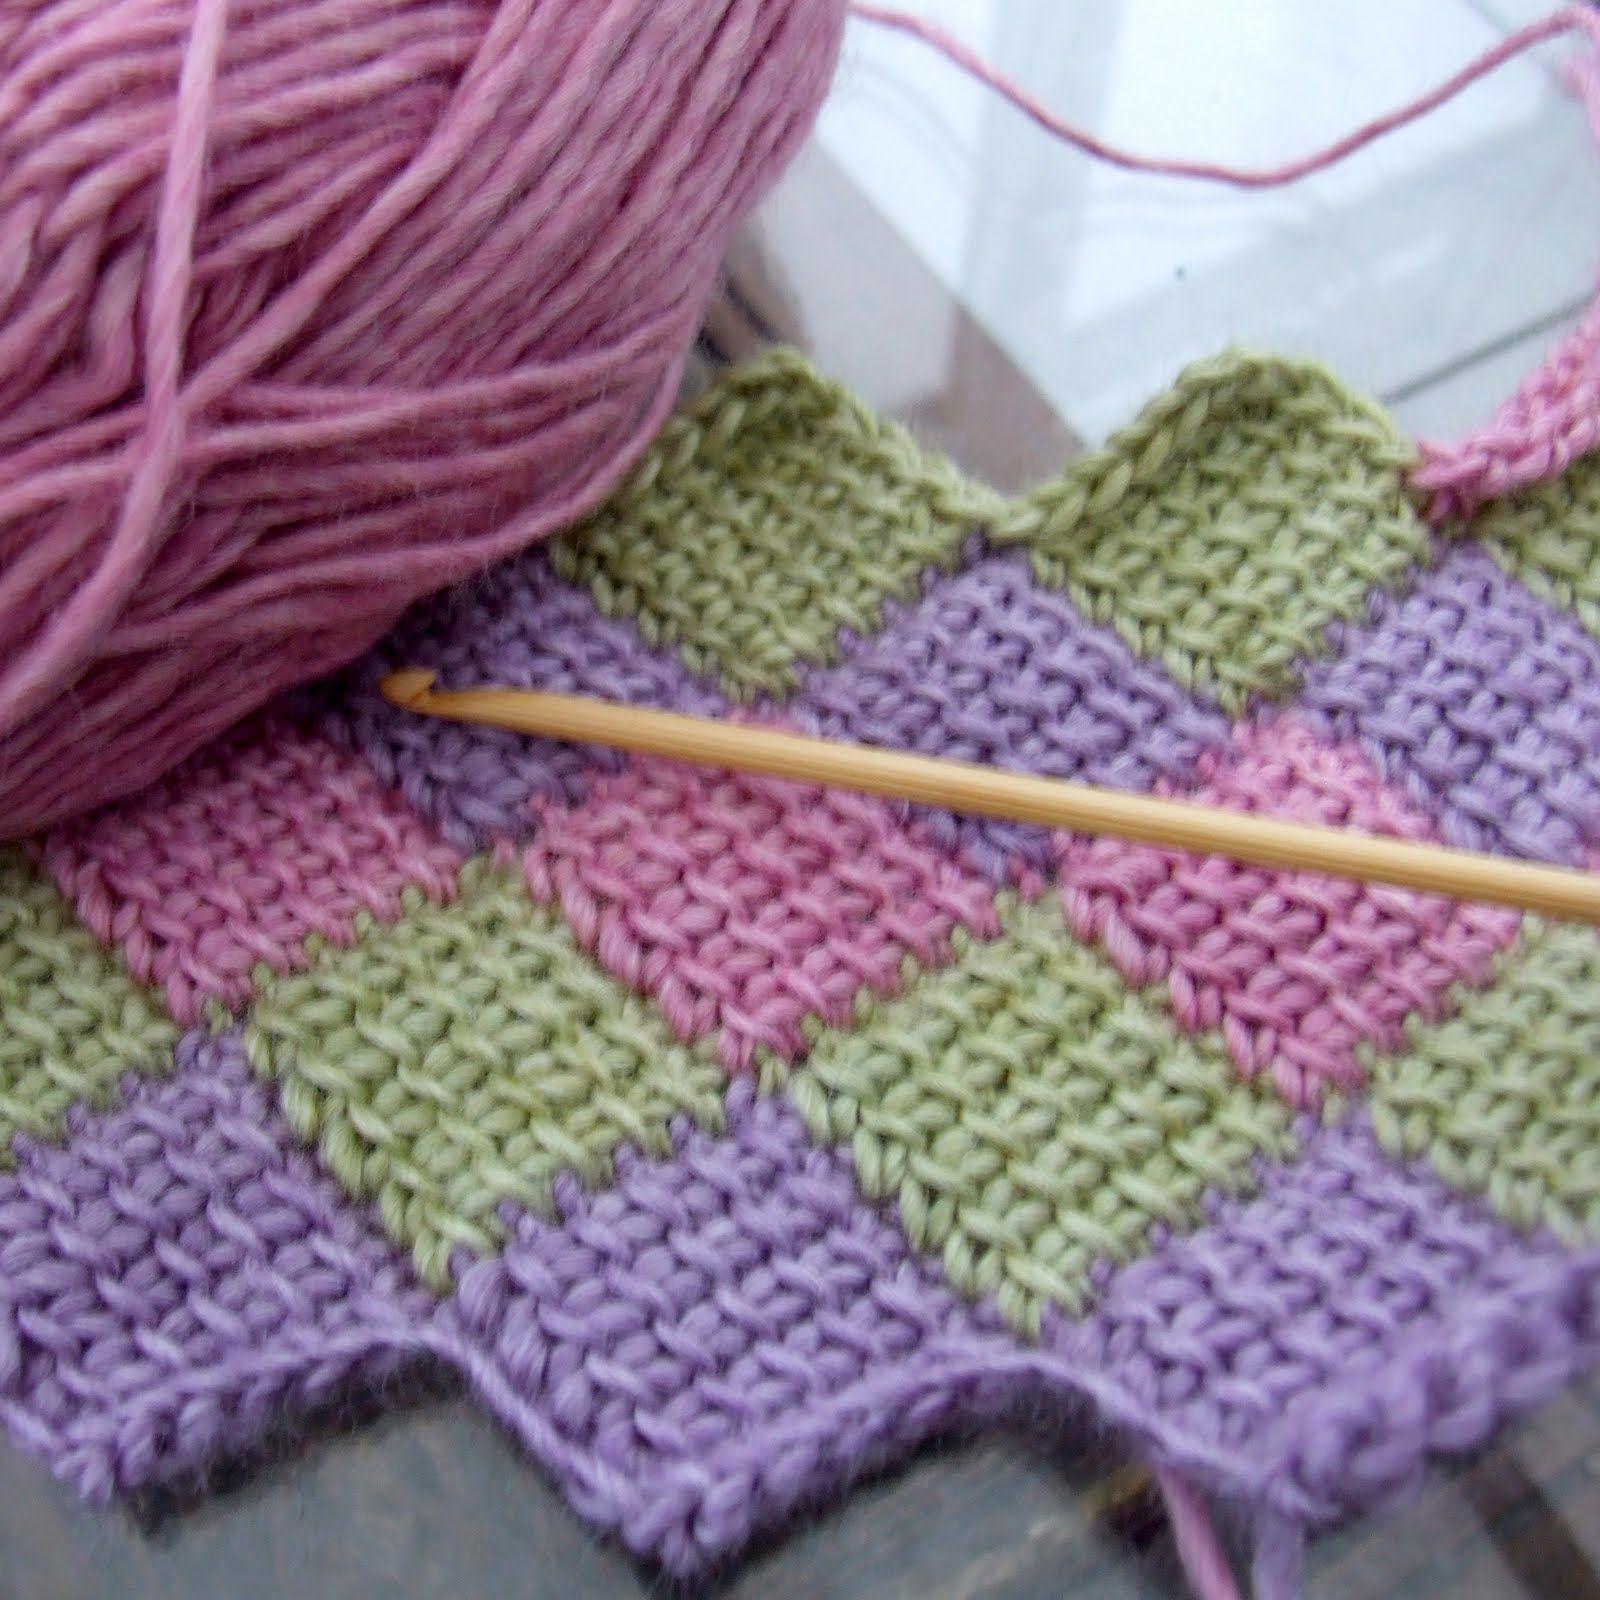 tunesisches h keln stricken h keln knitting crochet pinterest tunesisch h keln tunesisch. Black Bedroom Furniture Sets. Home Design Ideas